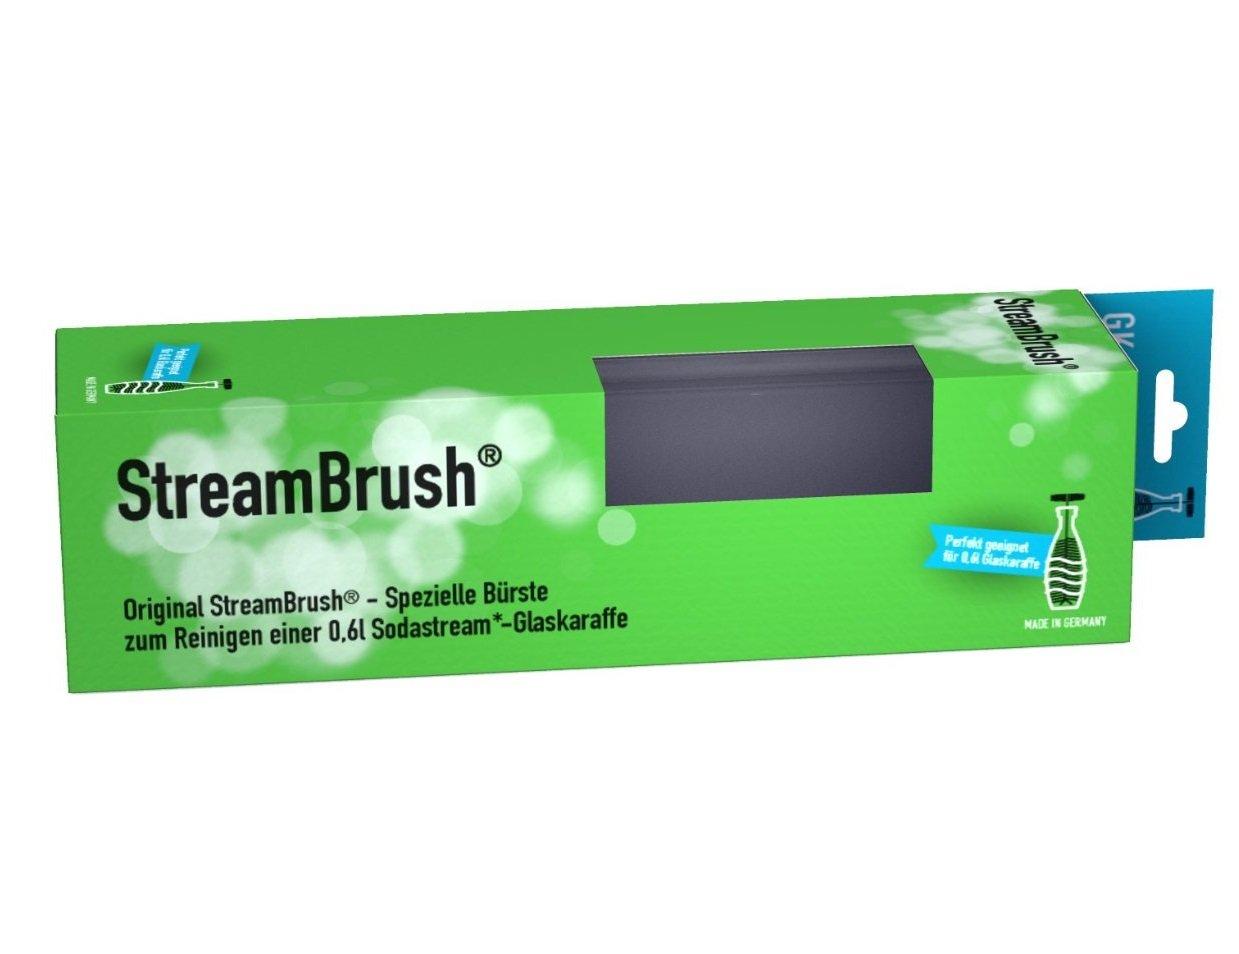 StreamBrush Flaschenbürste für 0,6 Liter